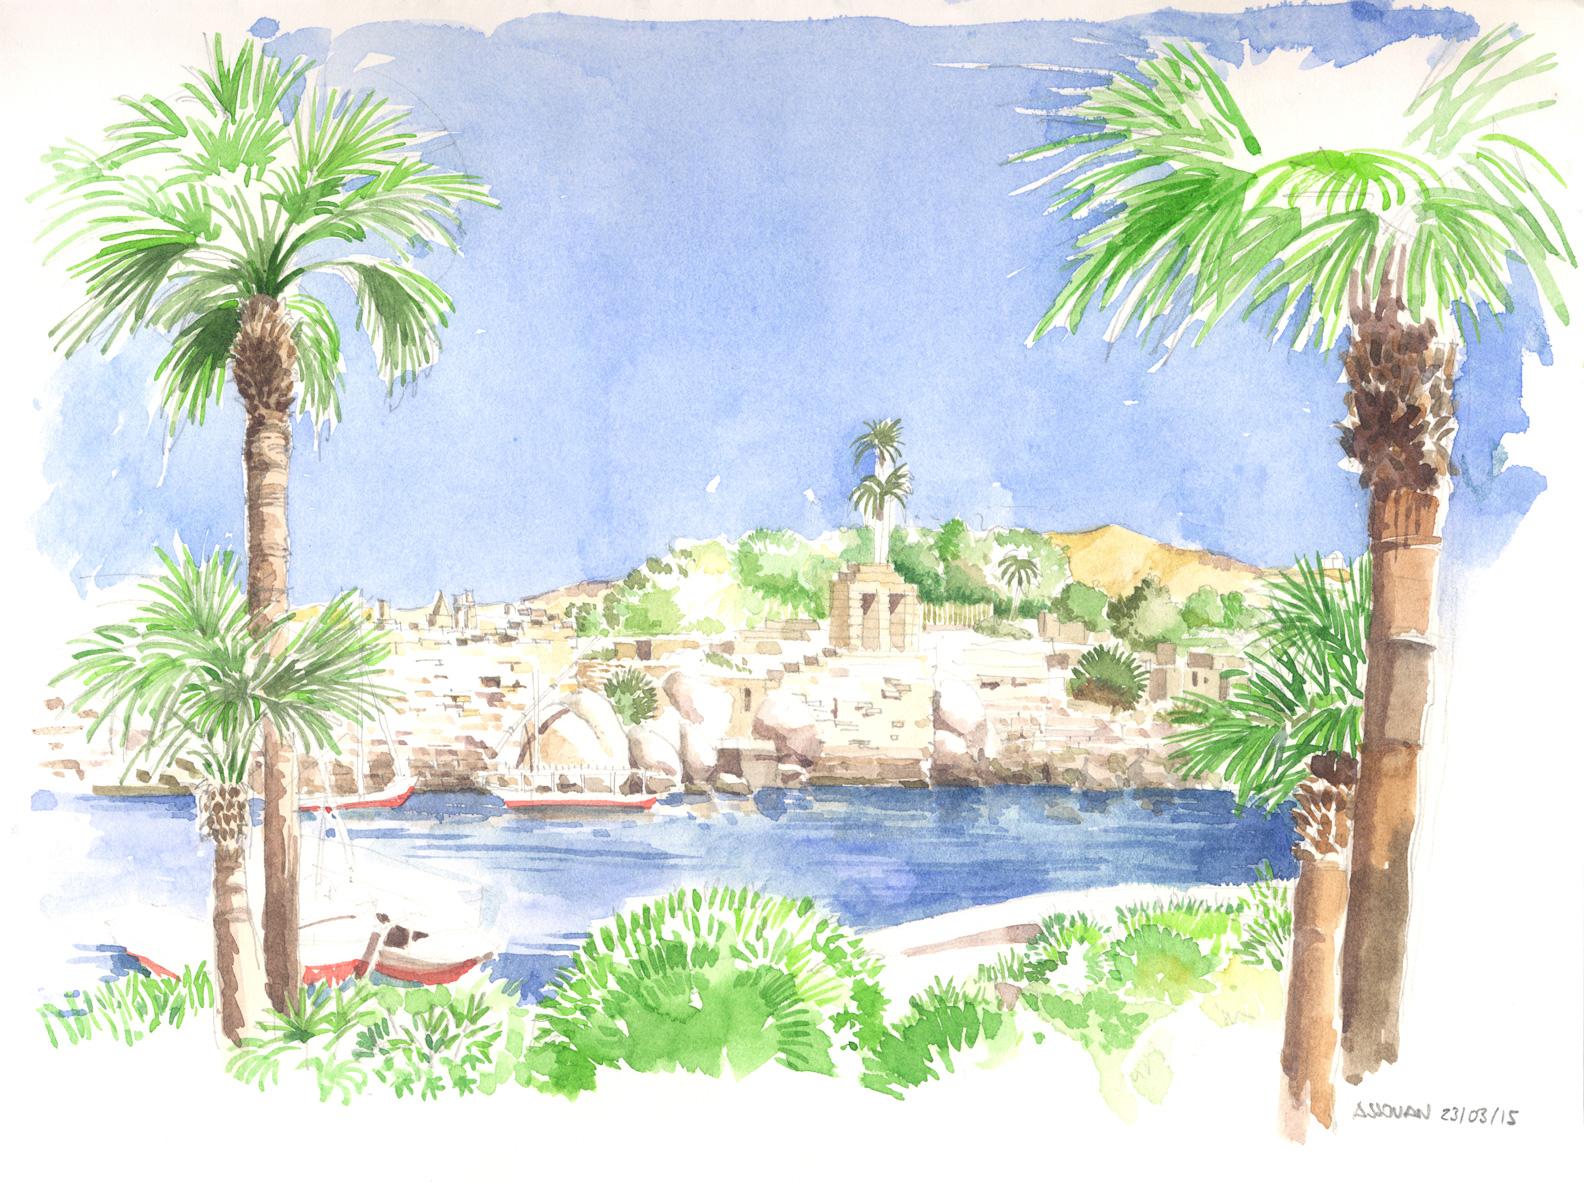 2015-EGYPTE-ASSOUAN-GL-0122015